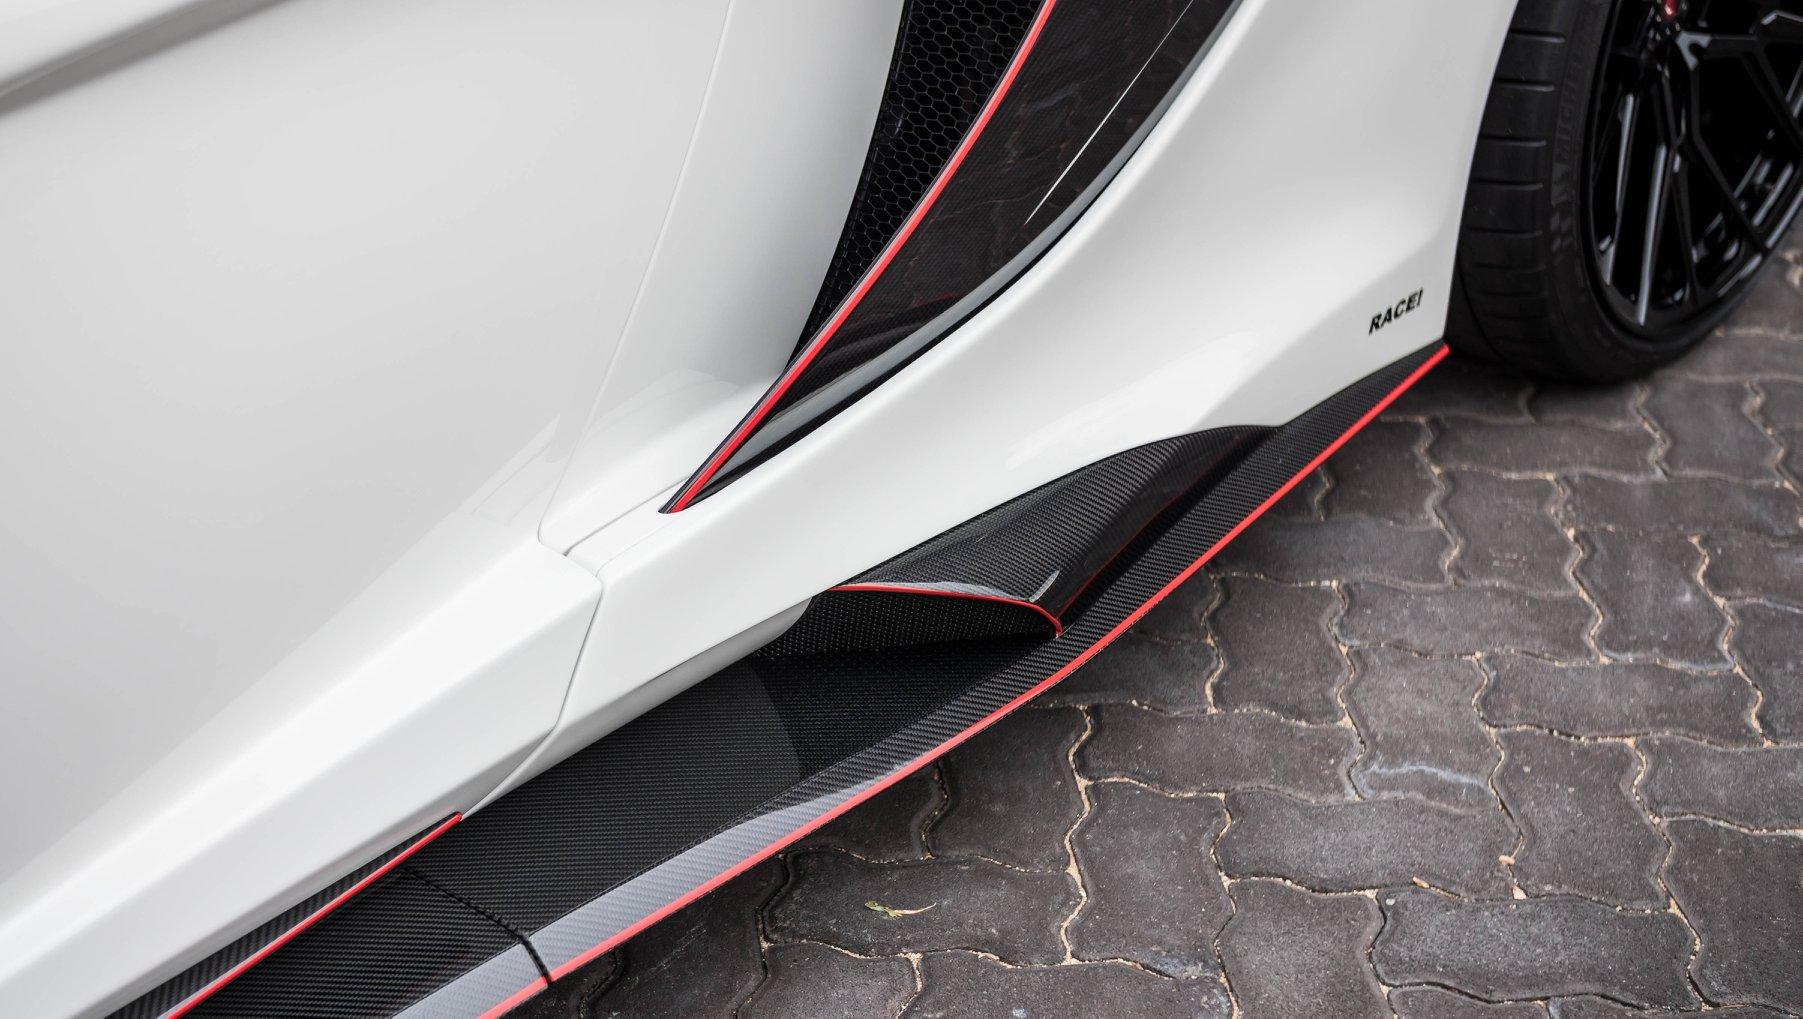 McLaren 650S Spider by Race (6)